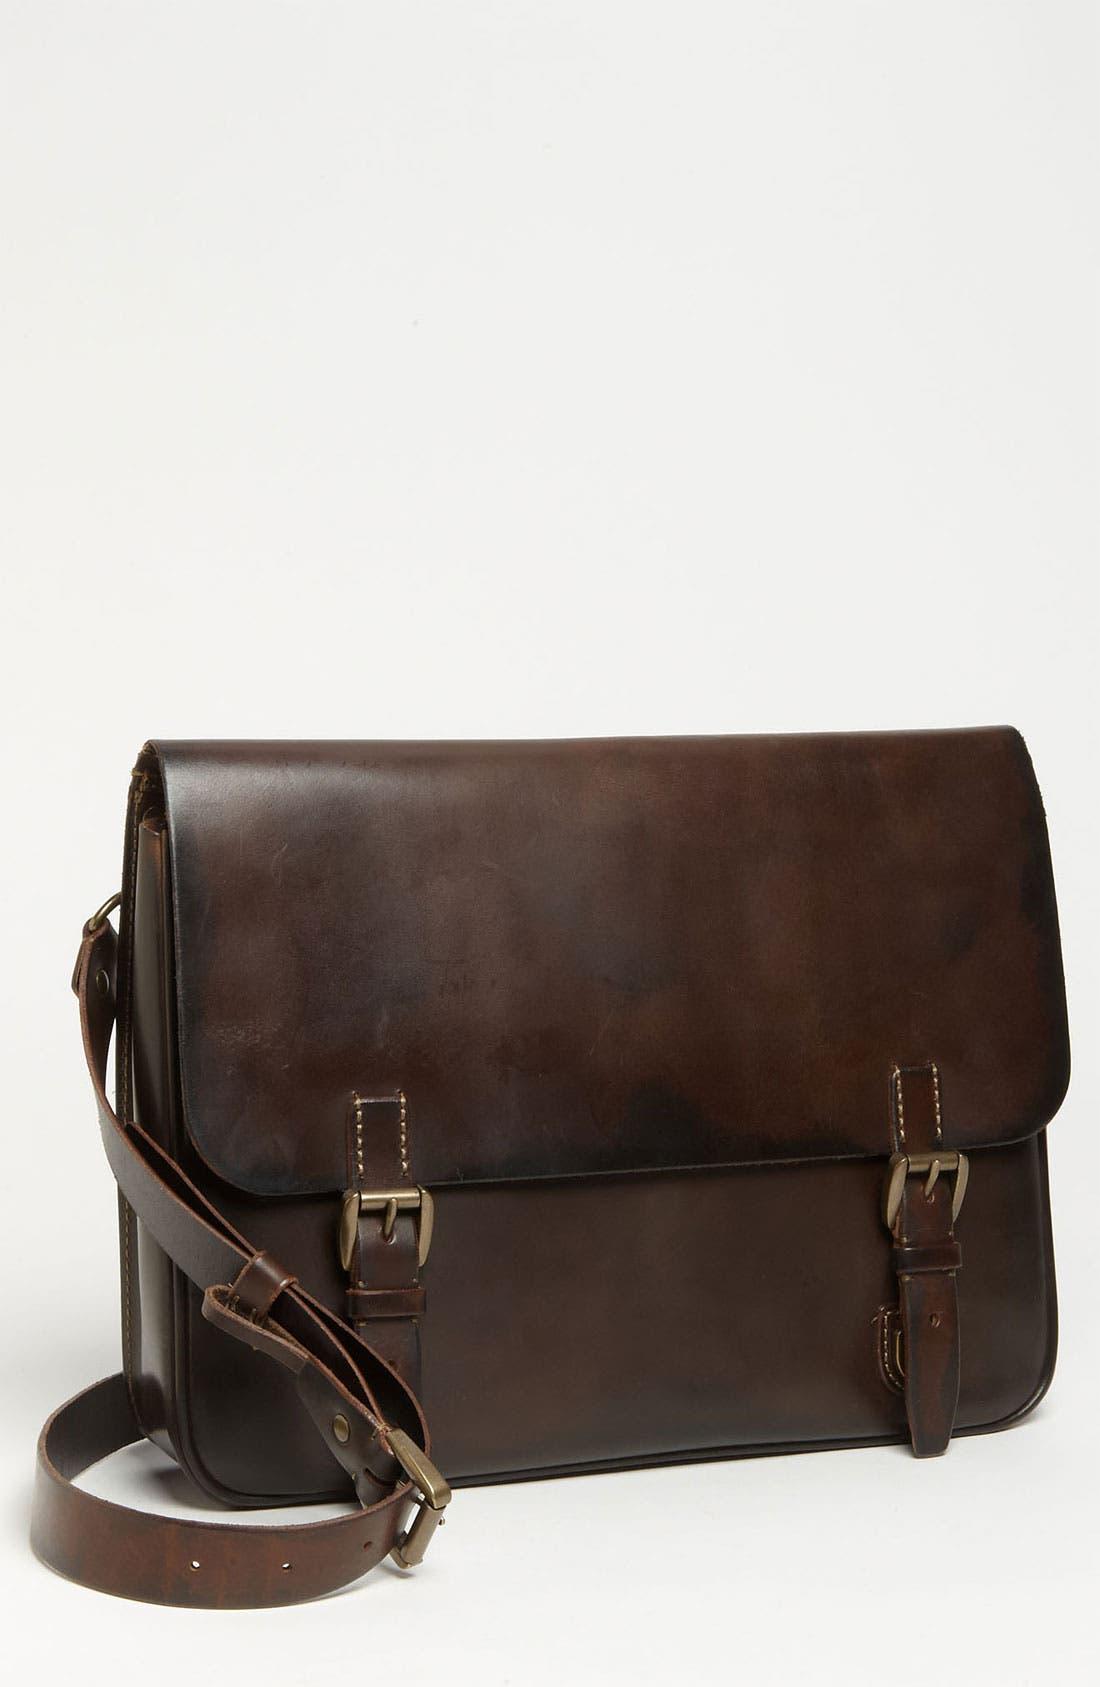 Main Image - Fossil 'Vintage Archive' Messenger Bag